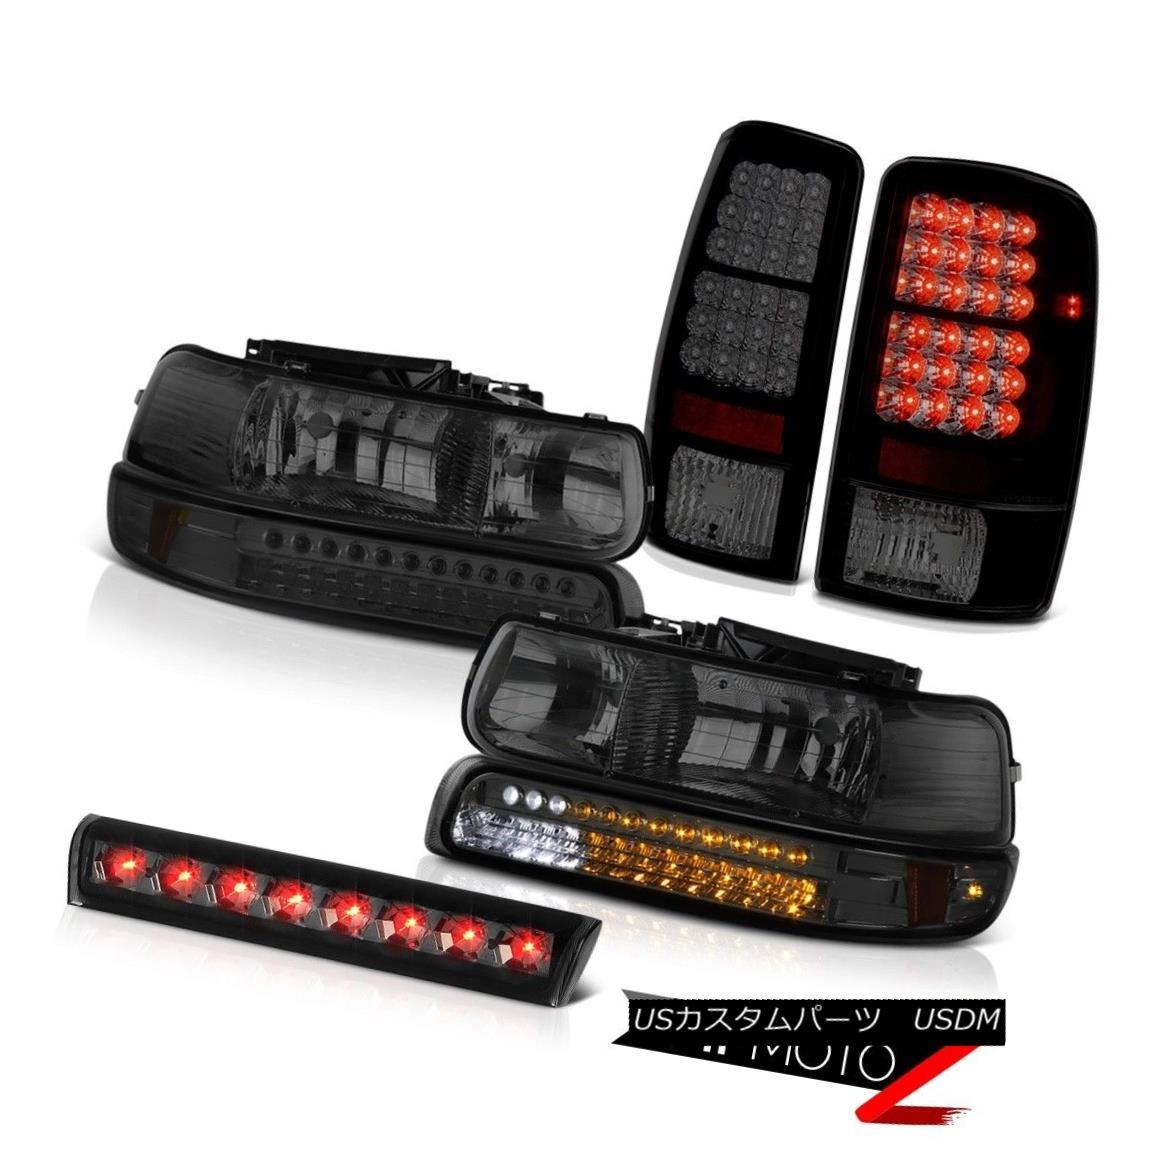 ヘッドライト 00 01 02 03 04 05 06 Tahoe LT LED Signal Headlights Lamp Taillights High Brake 00 01 02 03 04 05 06 Tahoe LT LEDヘッドライトランプテールライトハイブレーキ